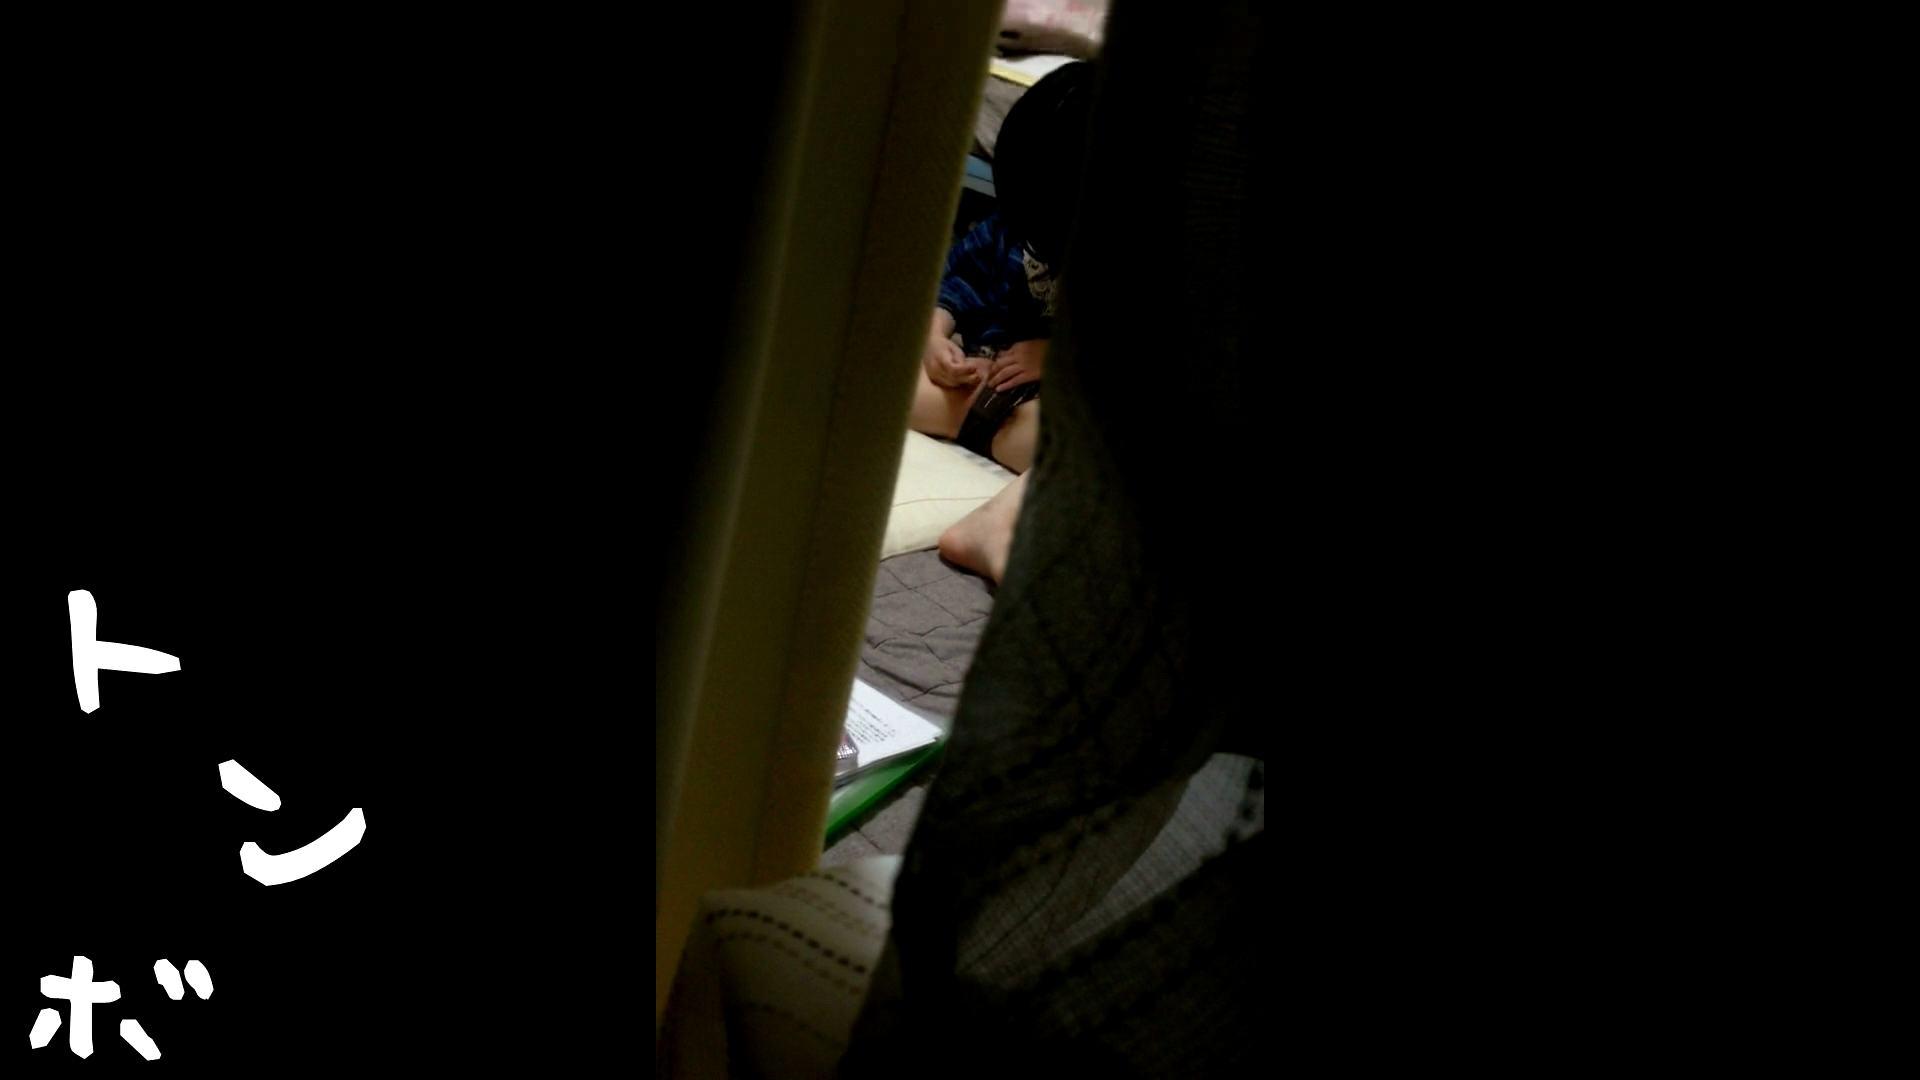 リアル盗撮 作家志望J子 アソコのお手入れ最中に感じてパンツを湿らす 盗撮 | 隠れた名作  38画像 30